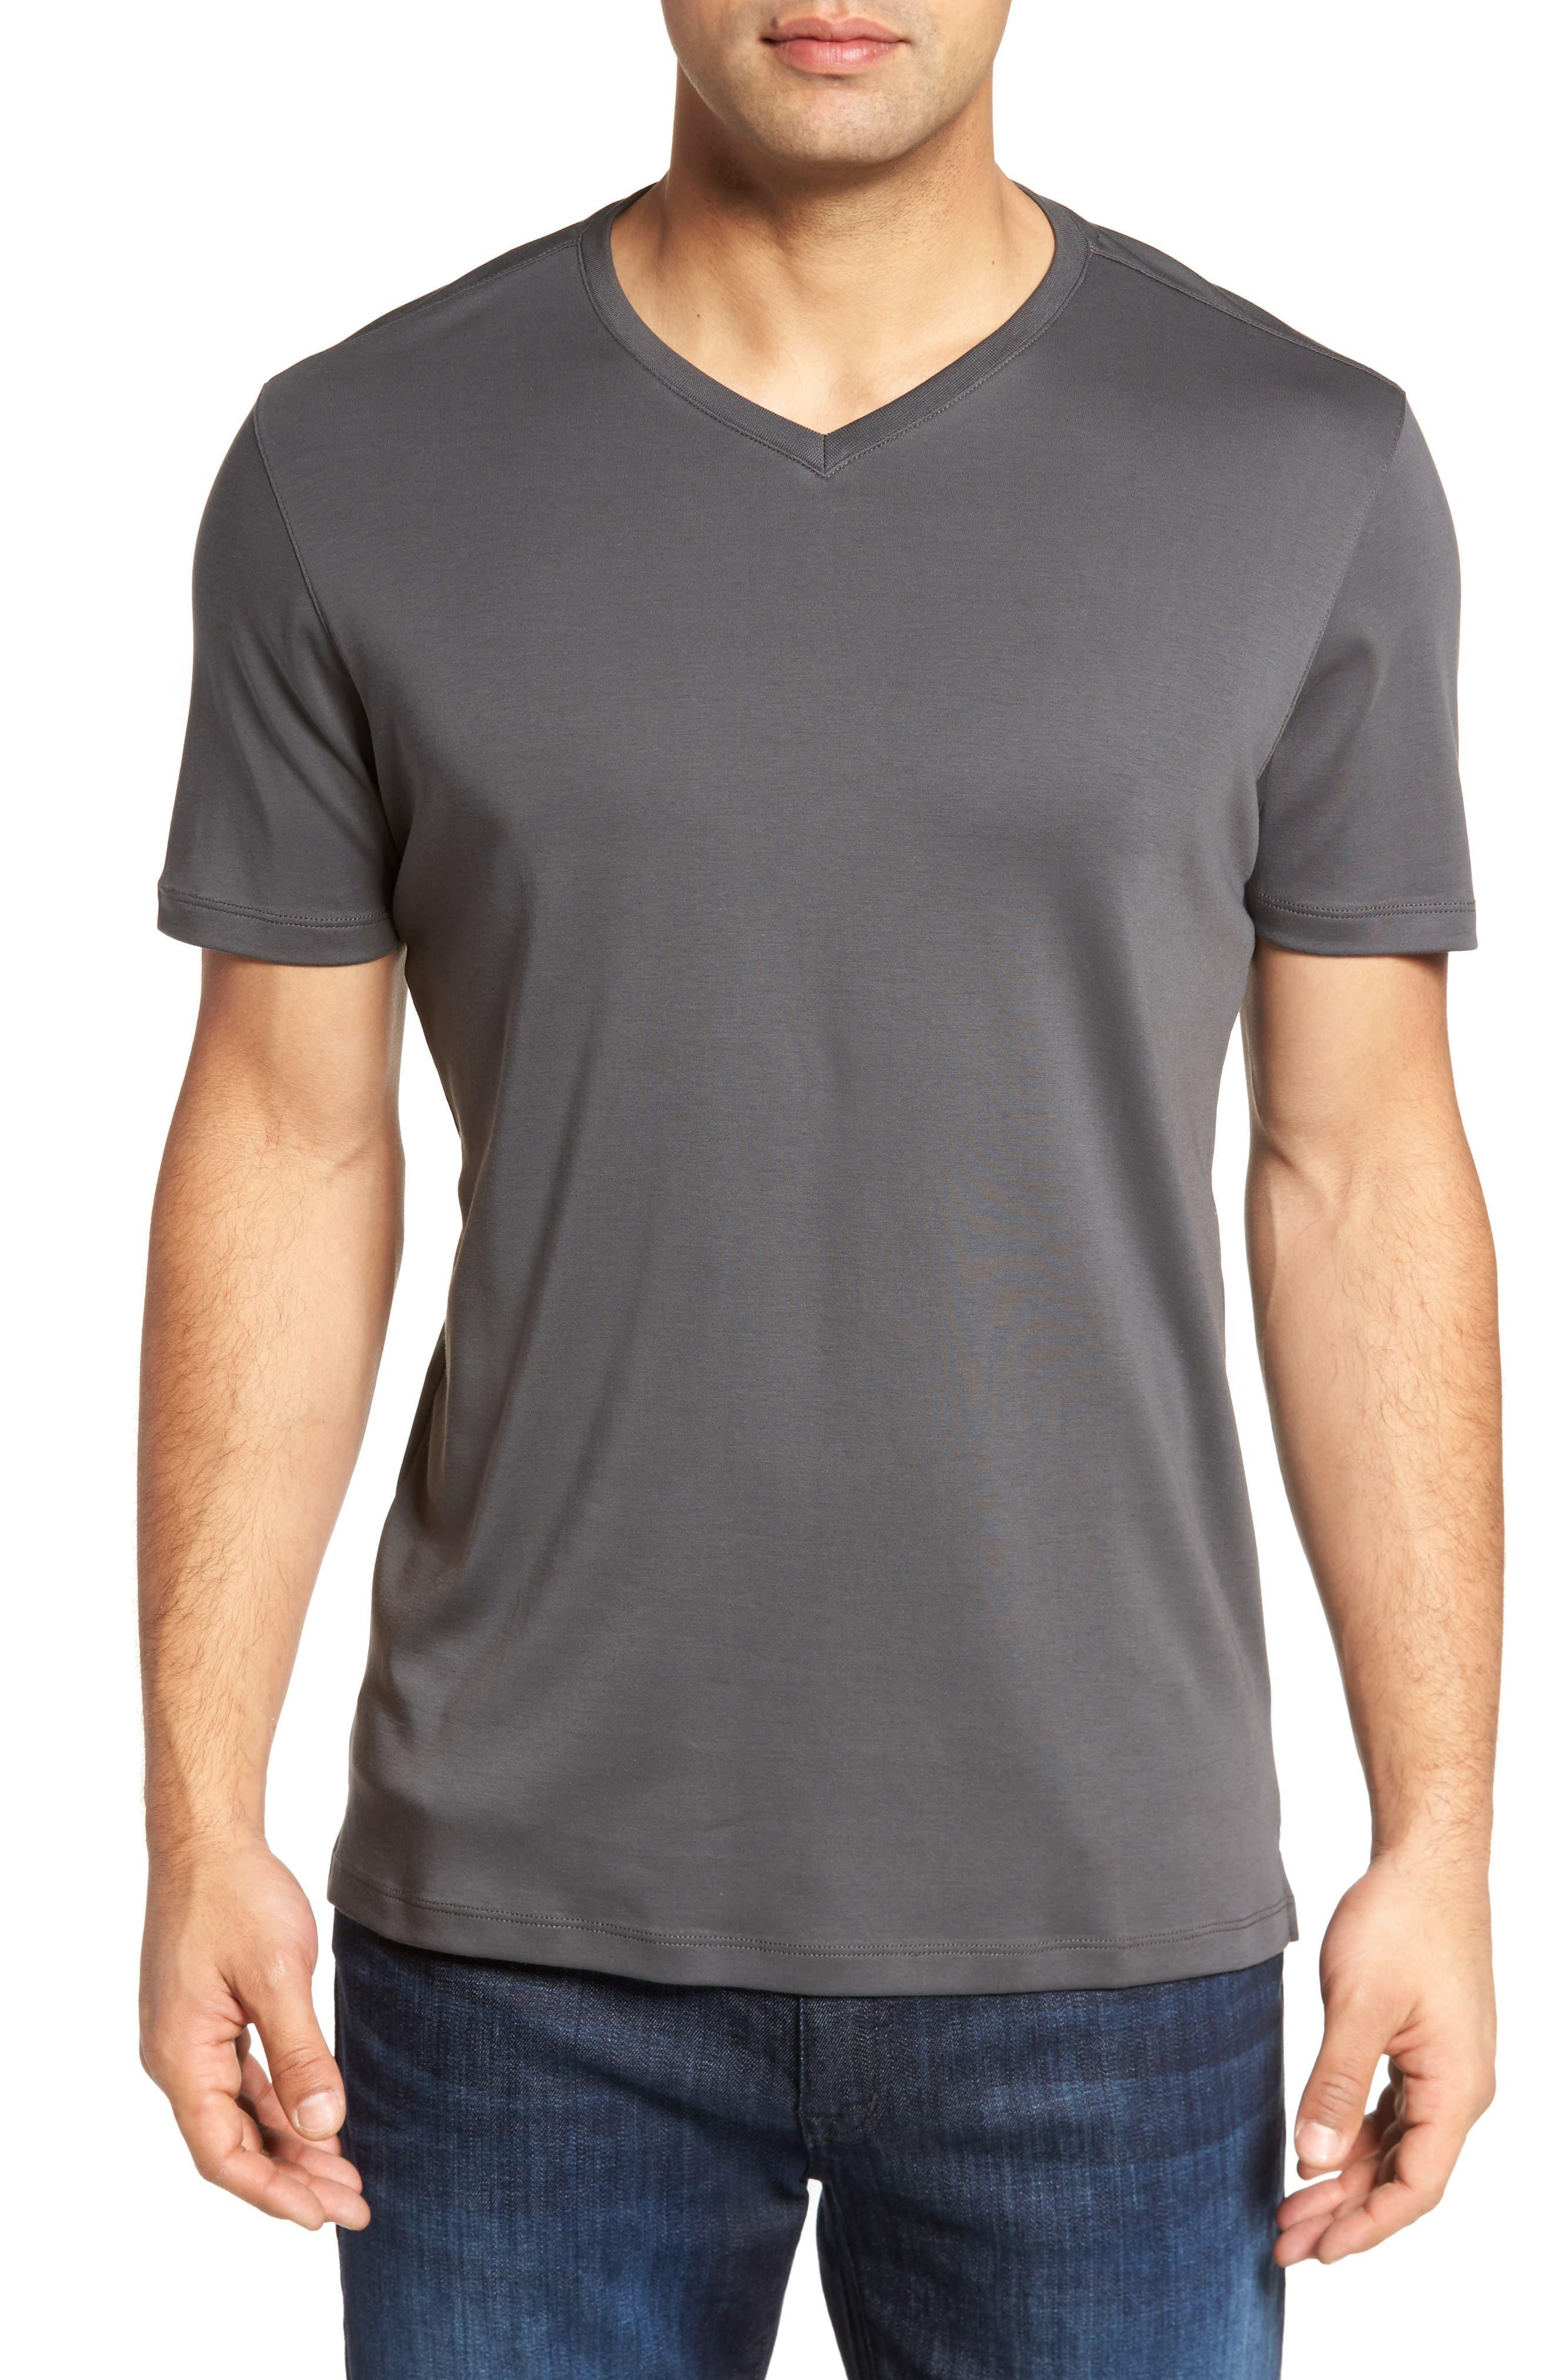 Alternate Image 1 Selected - Robert Barakett Georgia Regular Fit V-Neck T-Shirt